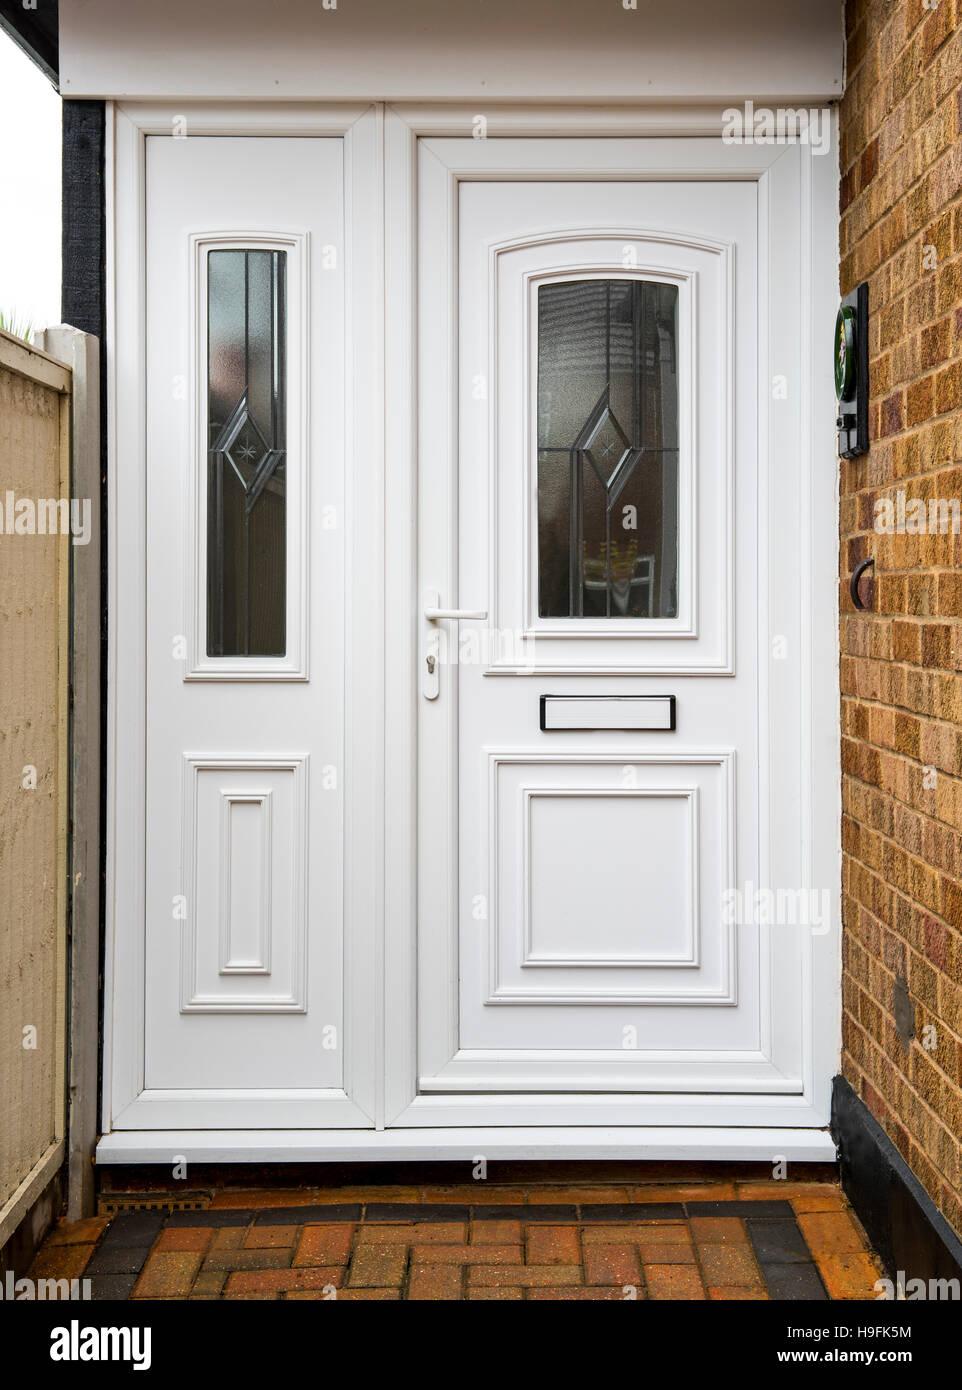 Bekannt Englische moderne Upvc Haustür Stockfoto, Bild: 126348816 - Alamy UN25